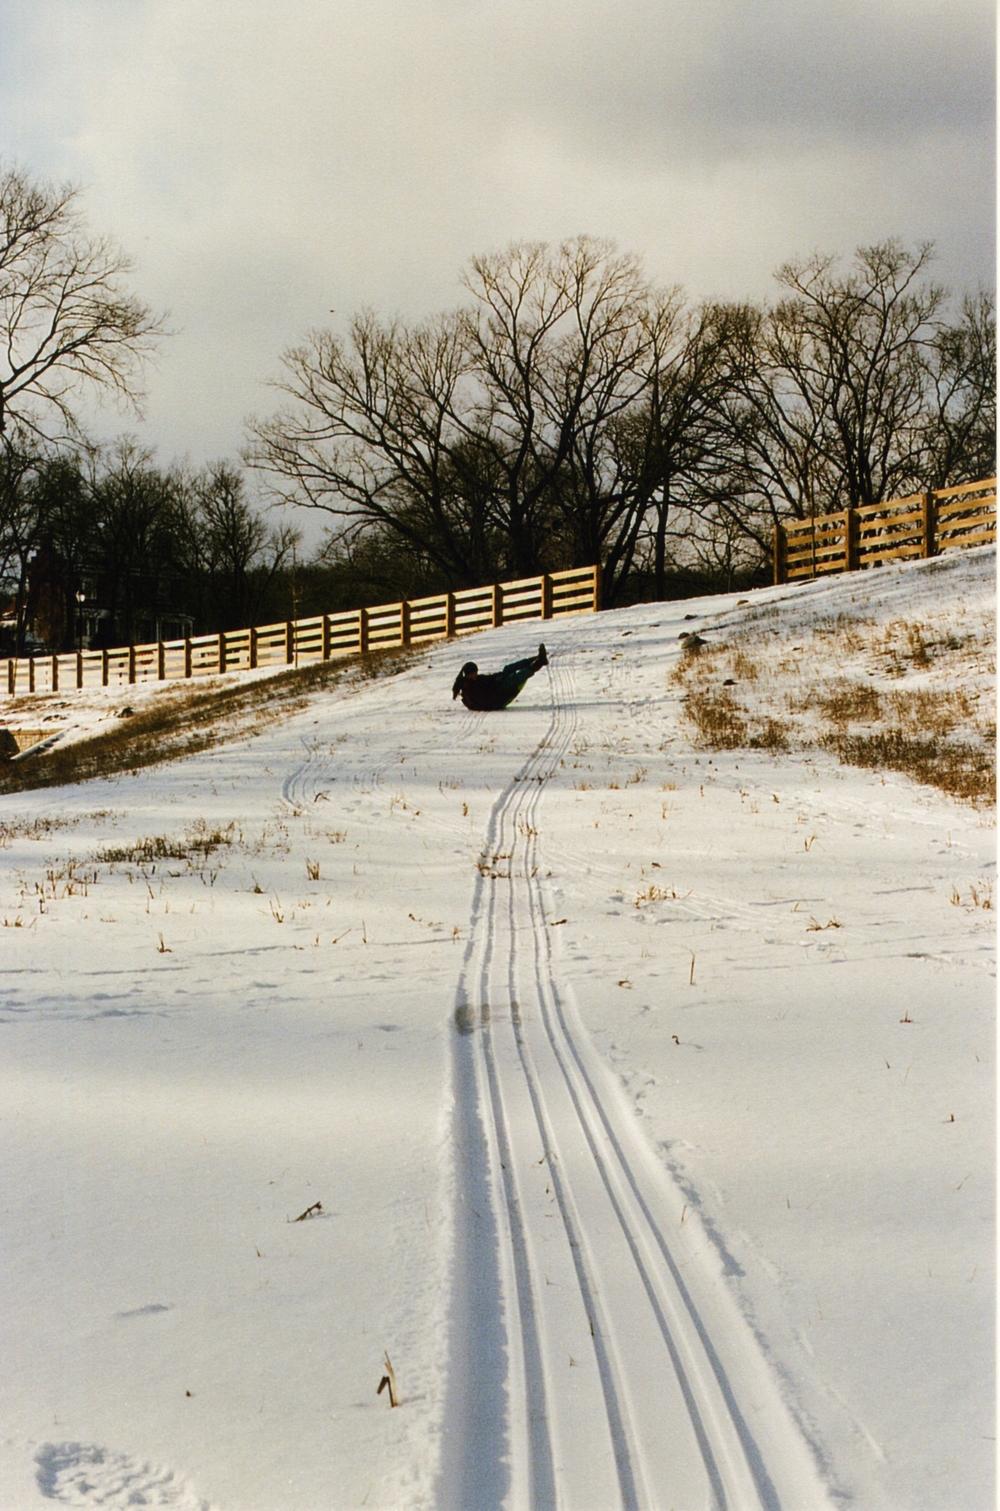 sled and shred001.jpg